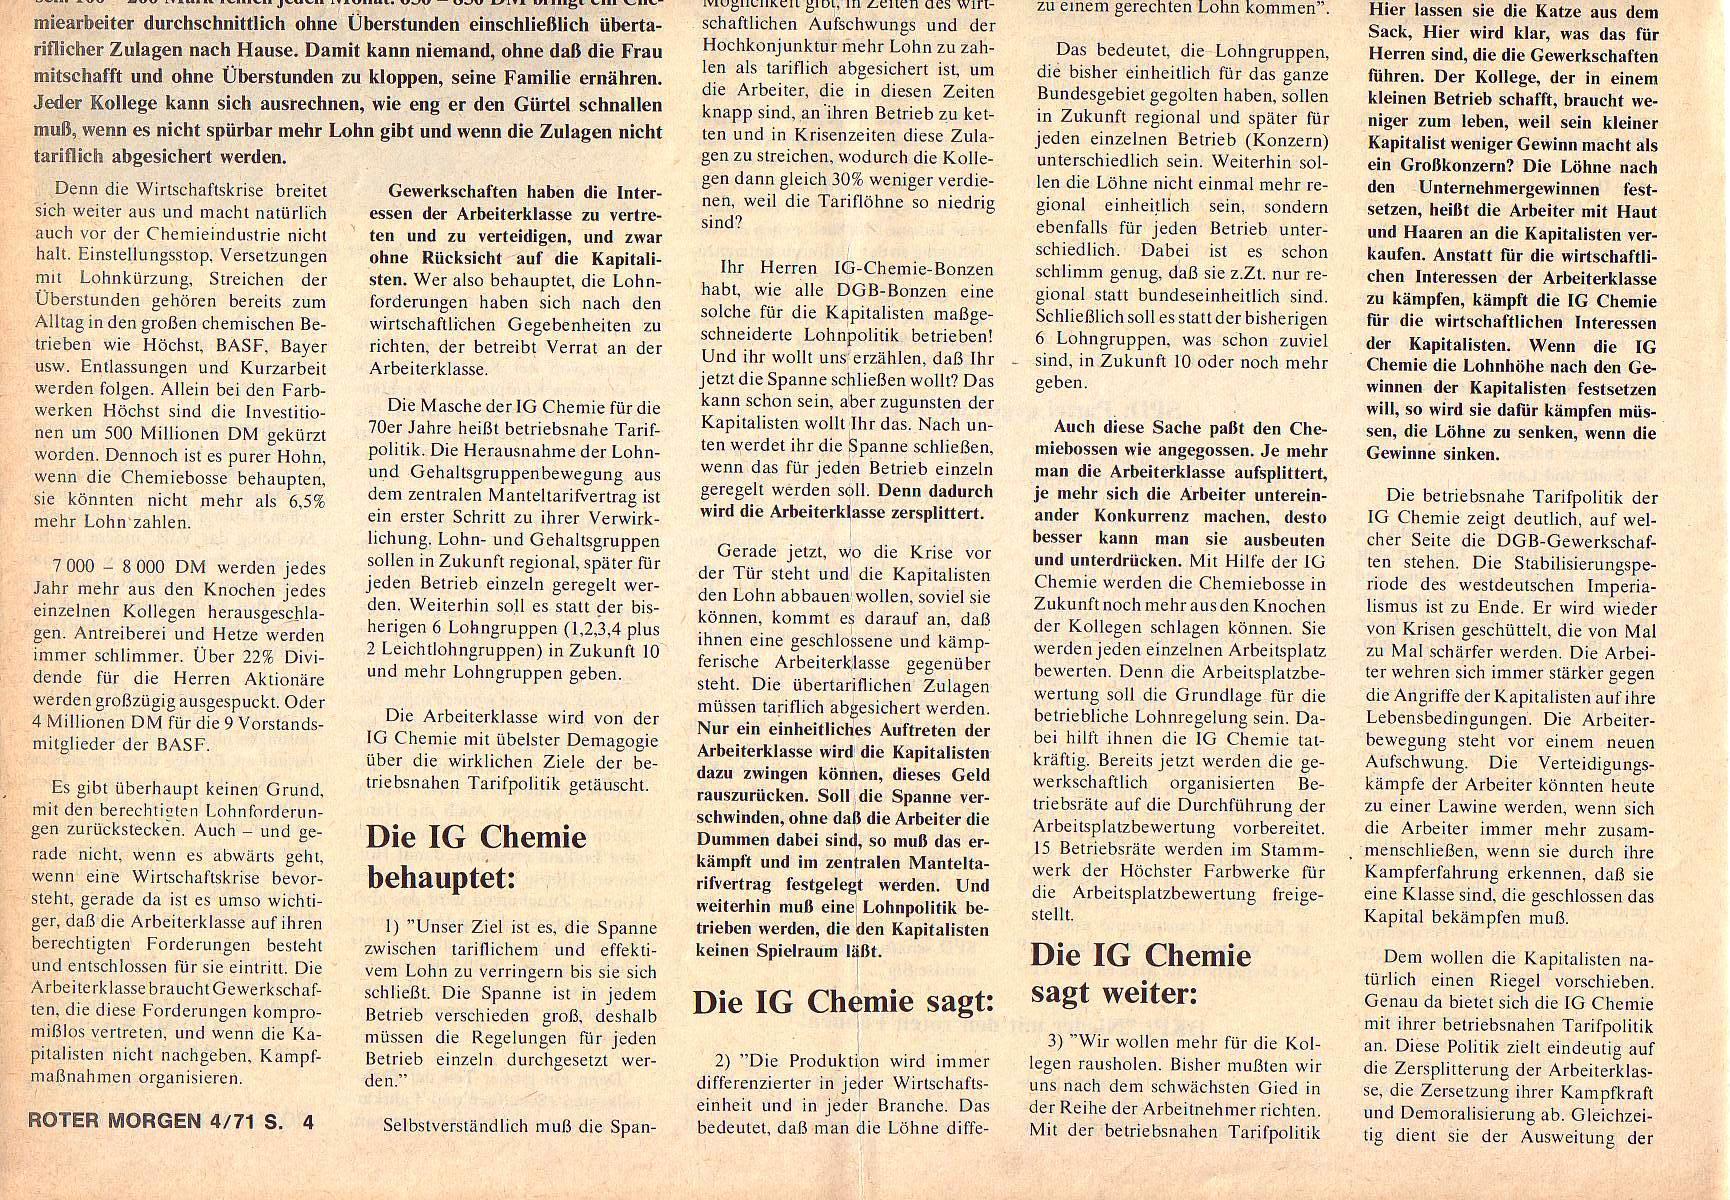 Roter Morgen, 5. Jg., April 1971, Nr. 4, Seite 4b